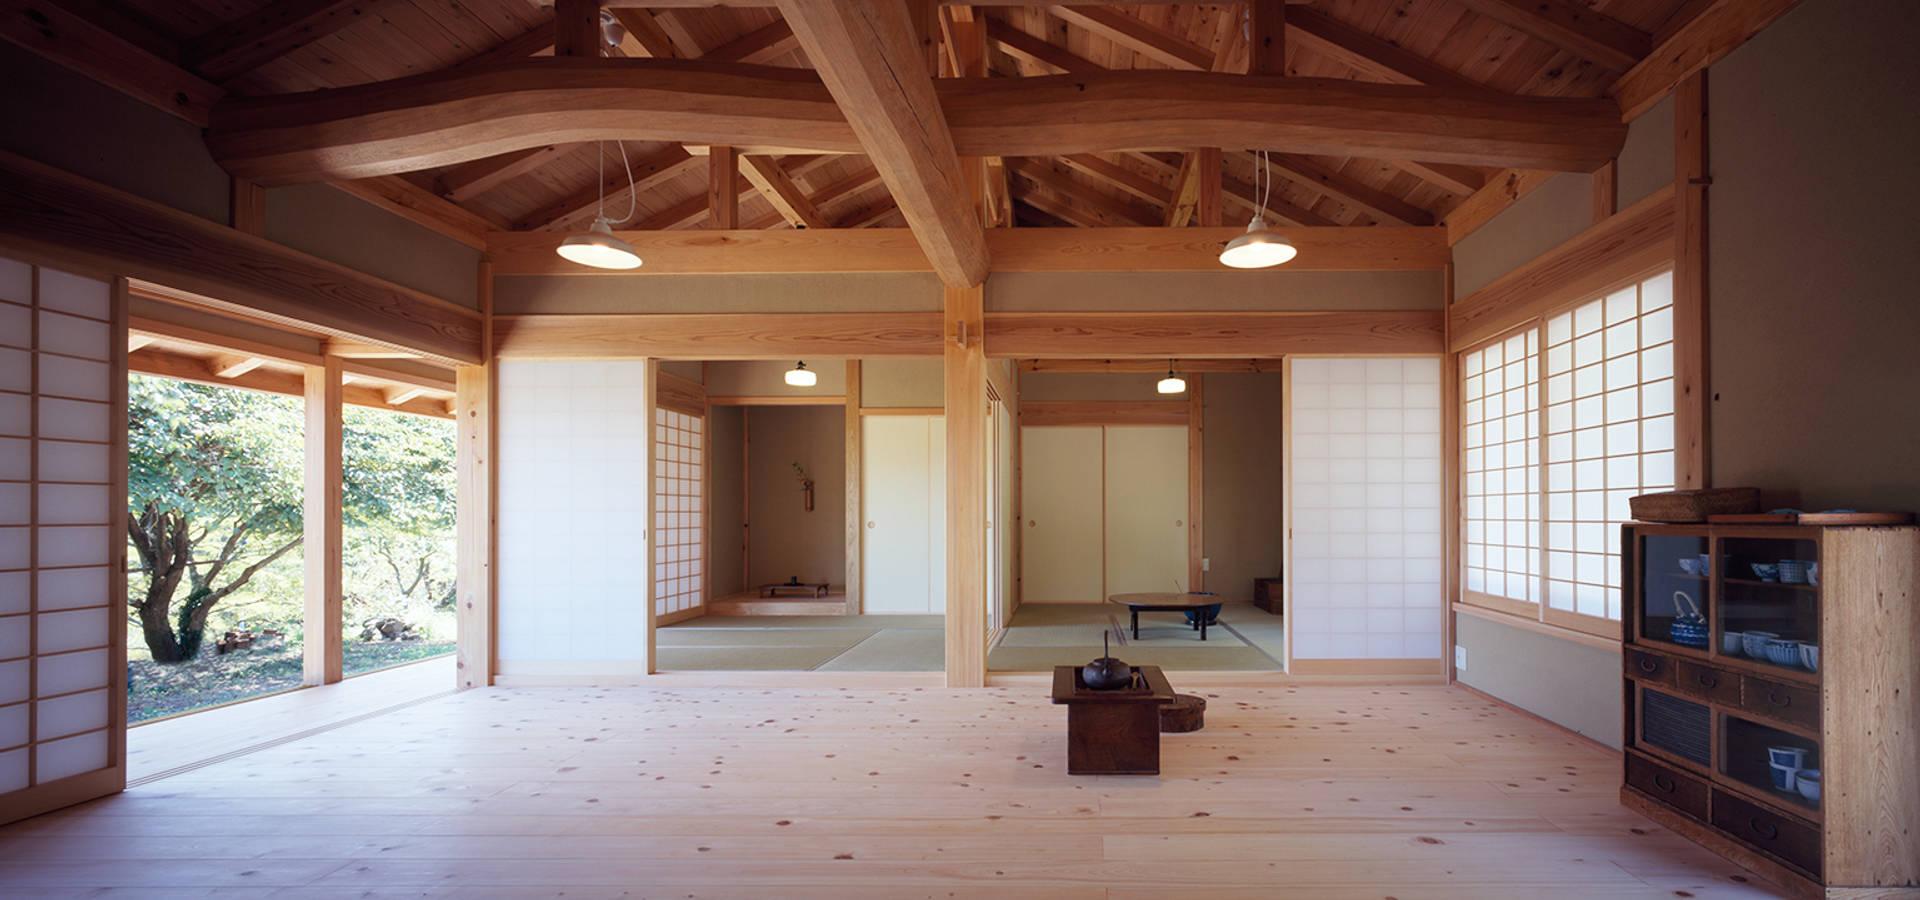 木造伝統構法 惺々舎